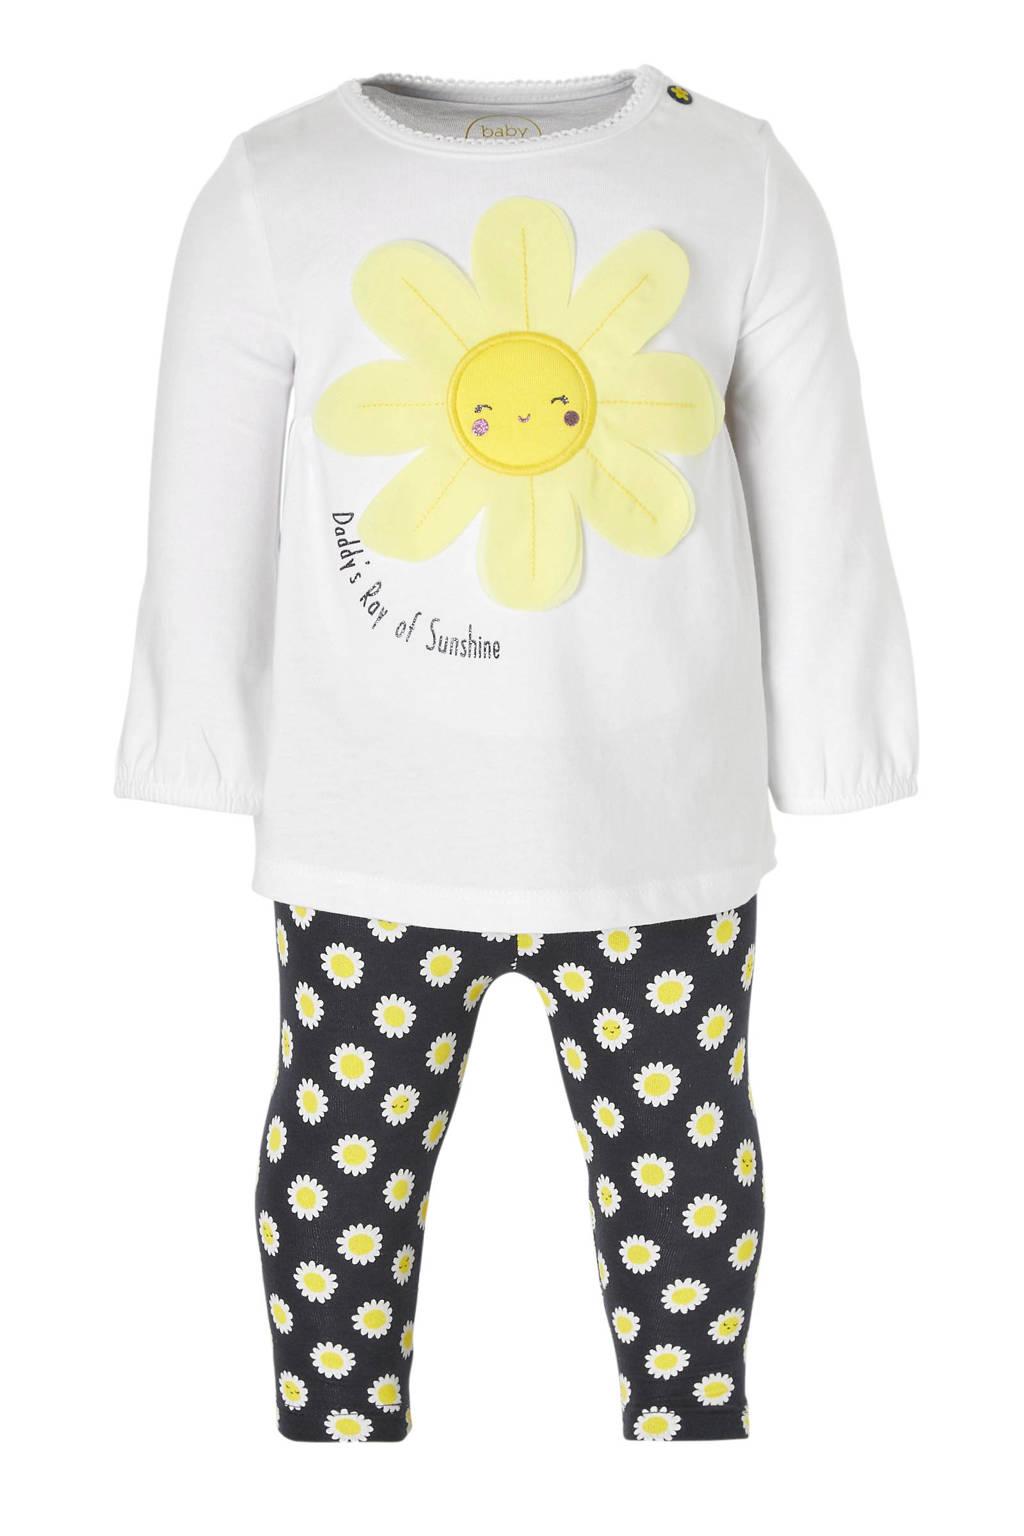 C&A Baby Club jurk met legging met print wit/donkerblauw, Wit/donkerblauw/geel